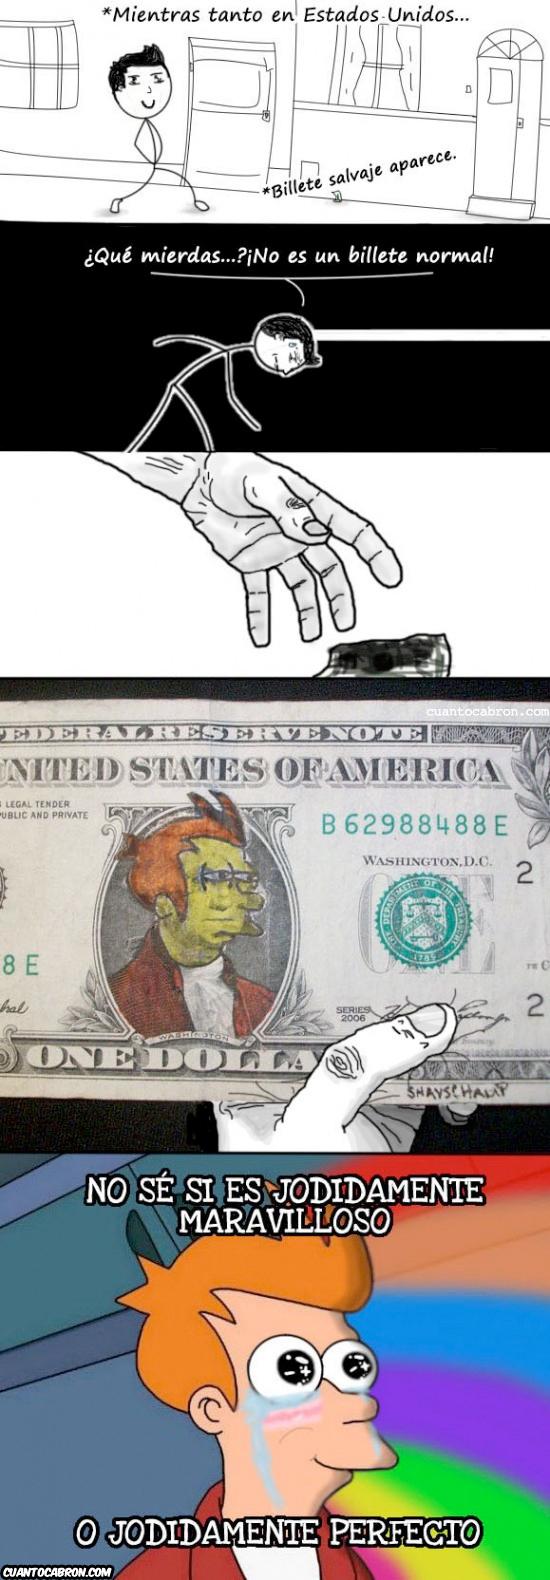 Fry - Encontrando un billete un tanto especial